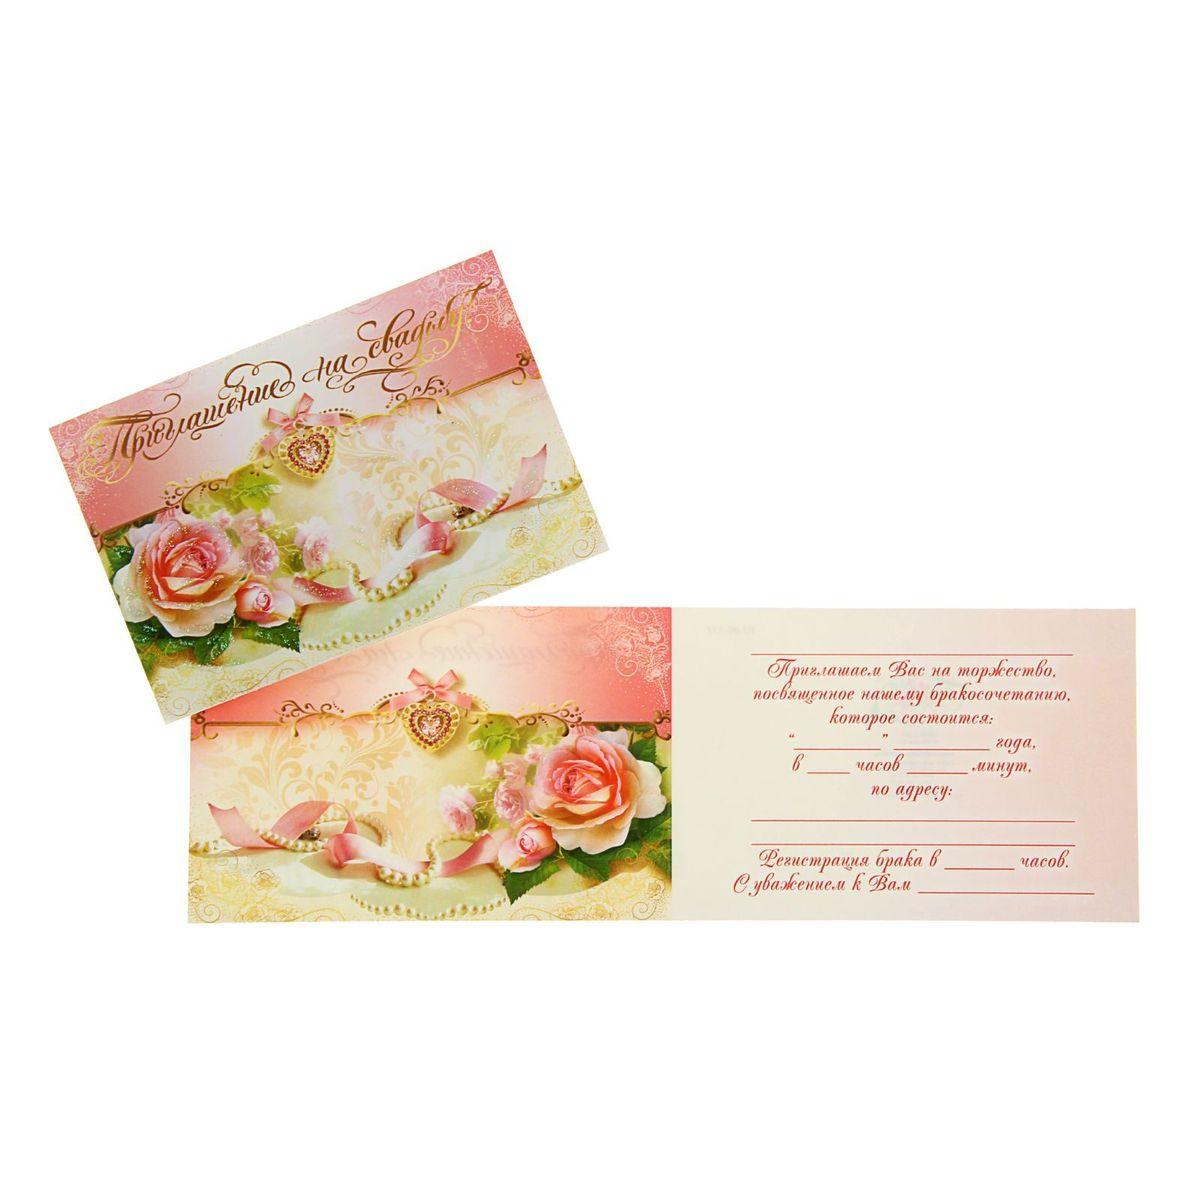 Эдельвейс Приглашение на свадьбу украшения и цветы1263256Приглашение — один из самых важных элементов вашего торжества. Задумайтесь, ведь именно пригласительное письмо станет первым и главнымобъявлением о том, что вы решили провести столь важное мероприятие. И эта новость обязательно должна быть преподнесена достойным образом.Приглашение —не отдельно существующий элемент, но весомая часть всей концепции праздника.